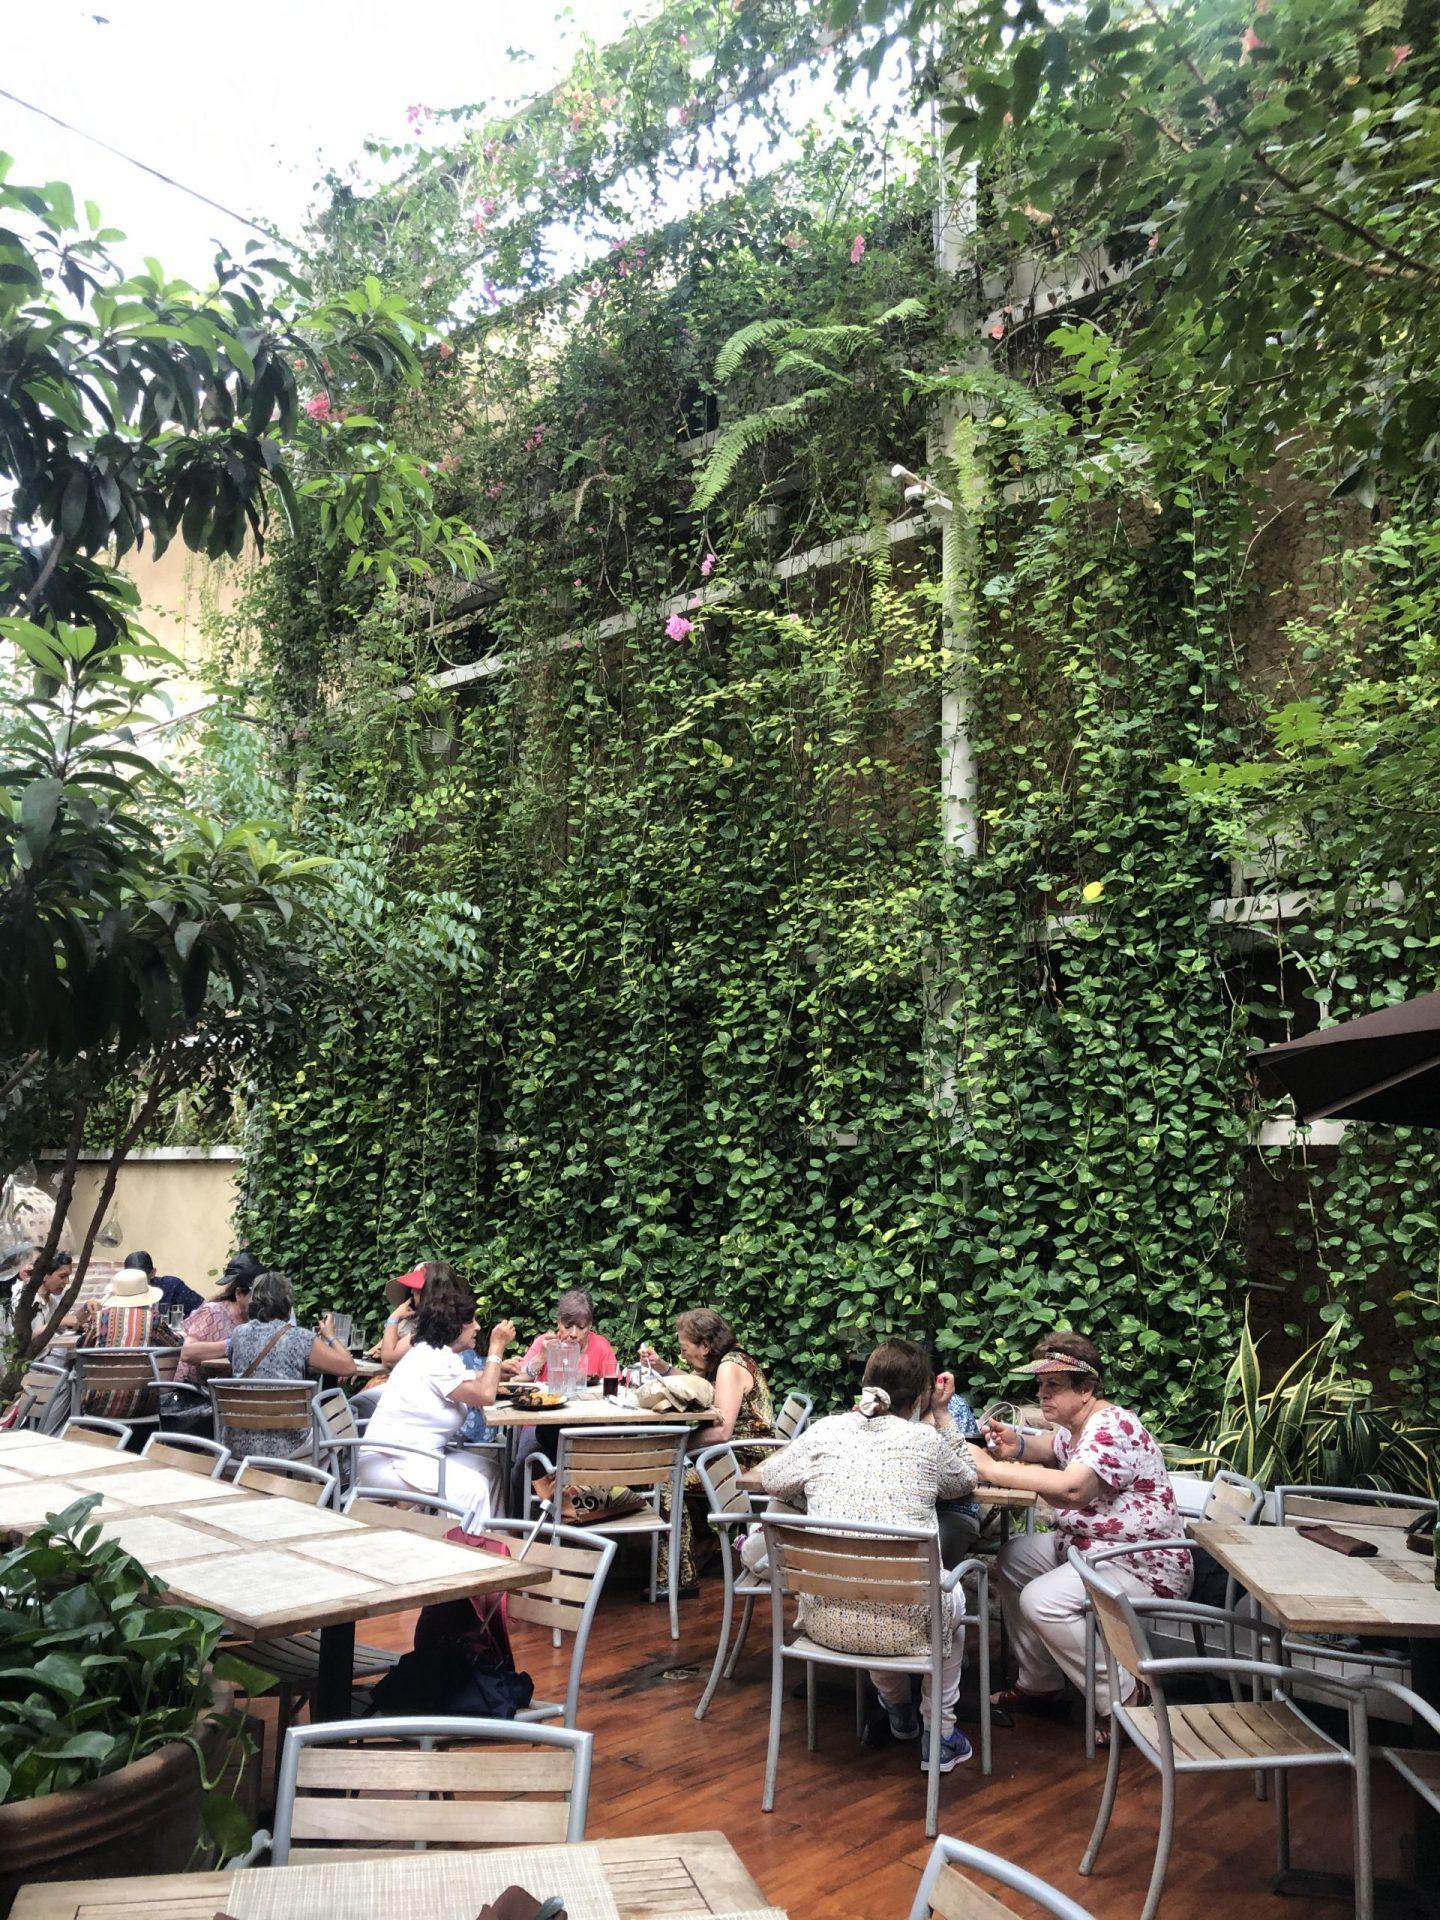 Where to eat in Santo Domingo: Buche Perico